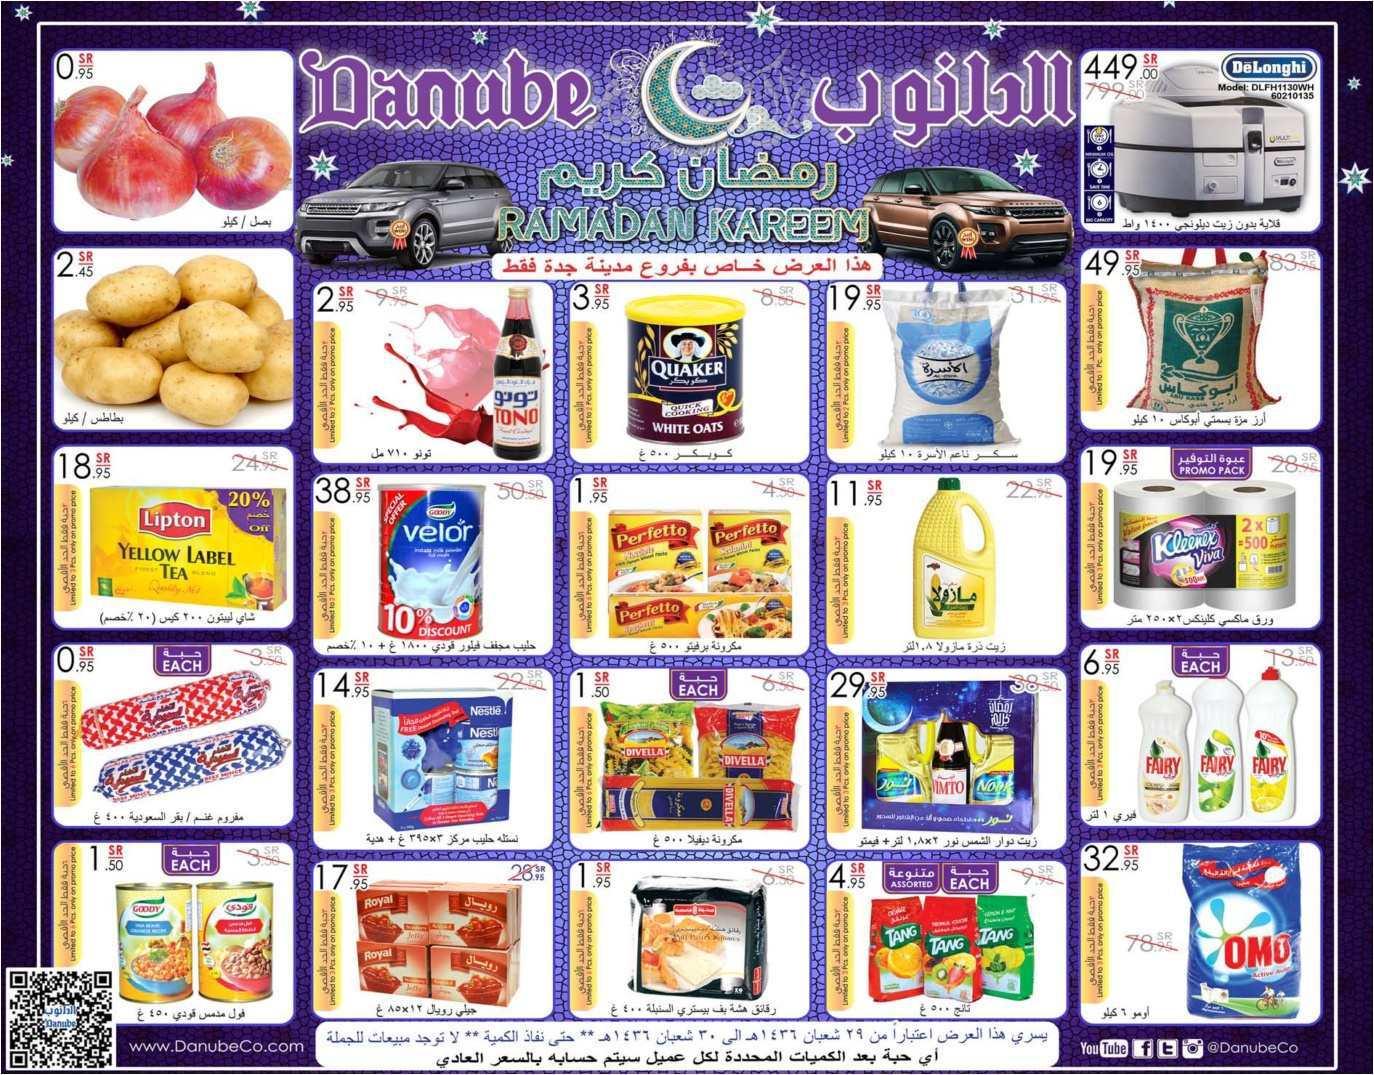 عروض الدانوب جدة اليوم 16/6/2015 - عرض لمدة يومين فقط